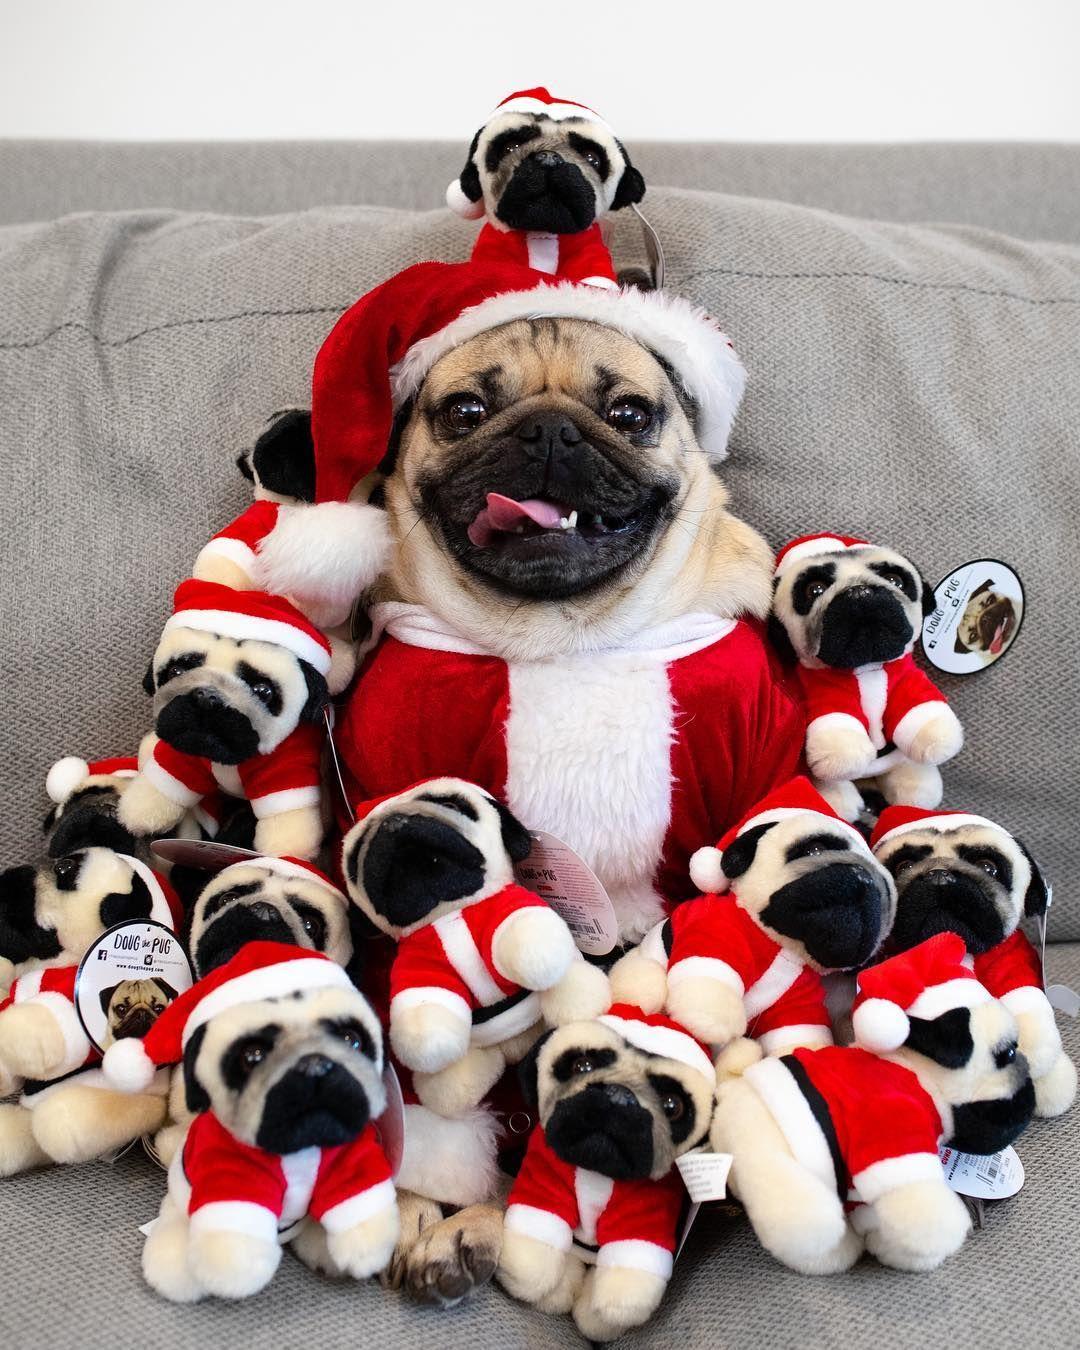 Doug The Pug On Instagram Santa Pug Is Coming To Town Doug